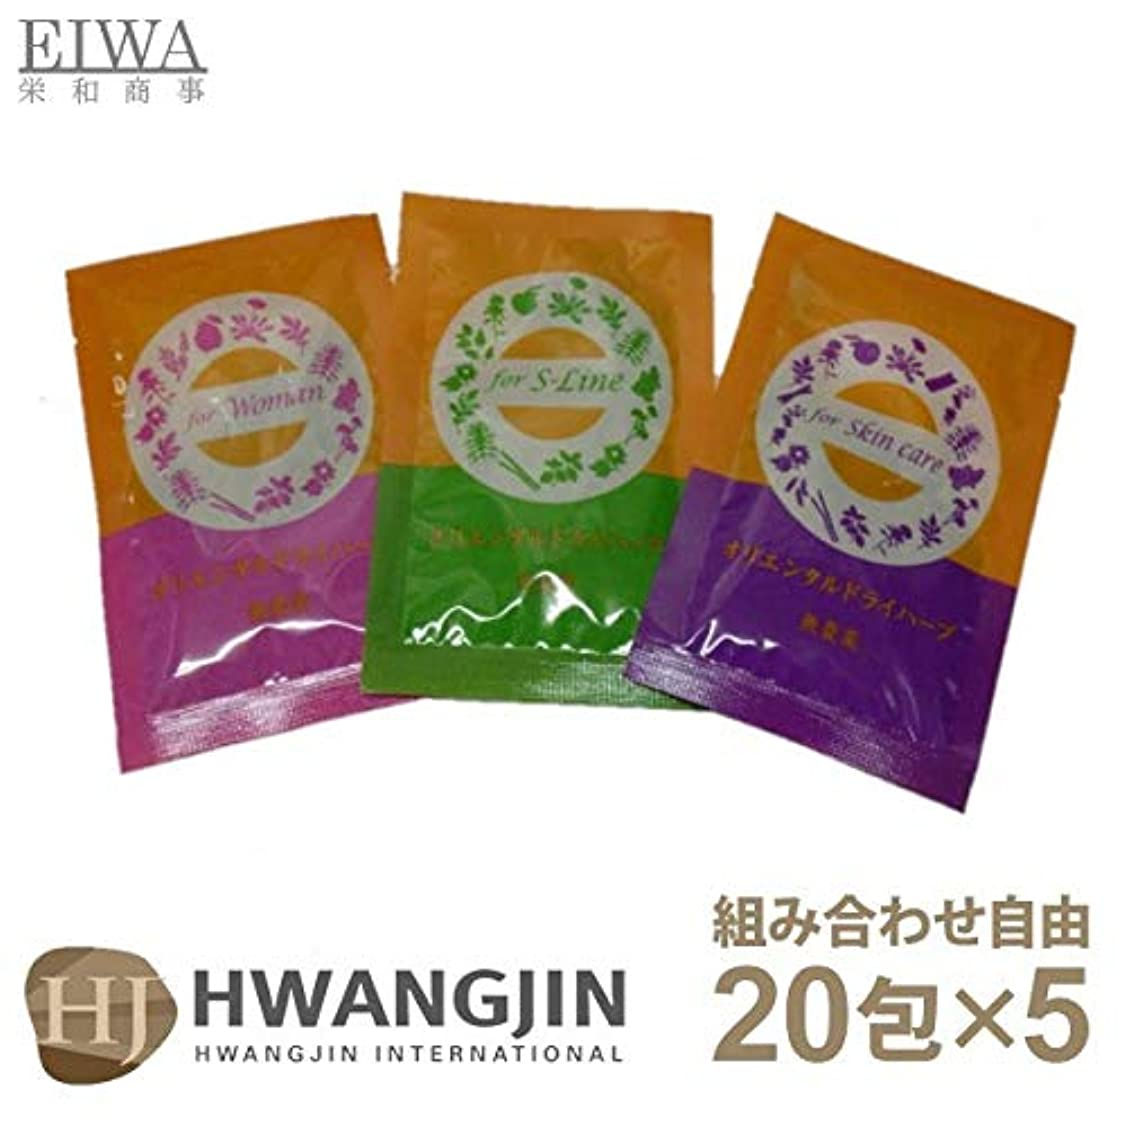 ネックレット理論的要求ファンジン黄土 座浴剤 組合せ自由 3種 計5袋 (100包) 1.2kg